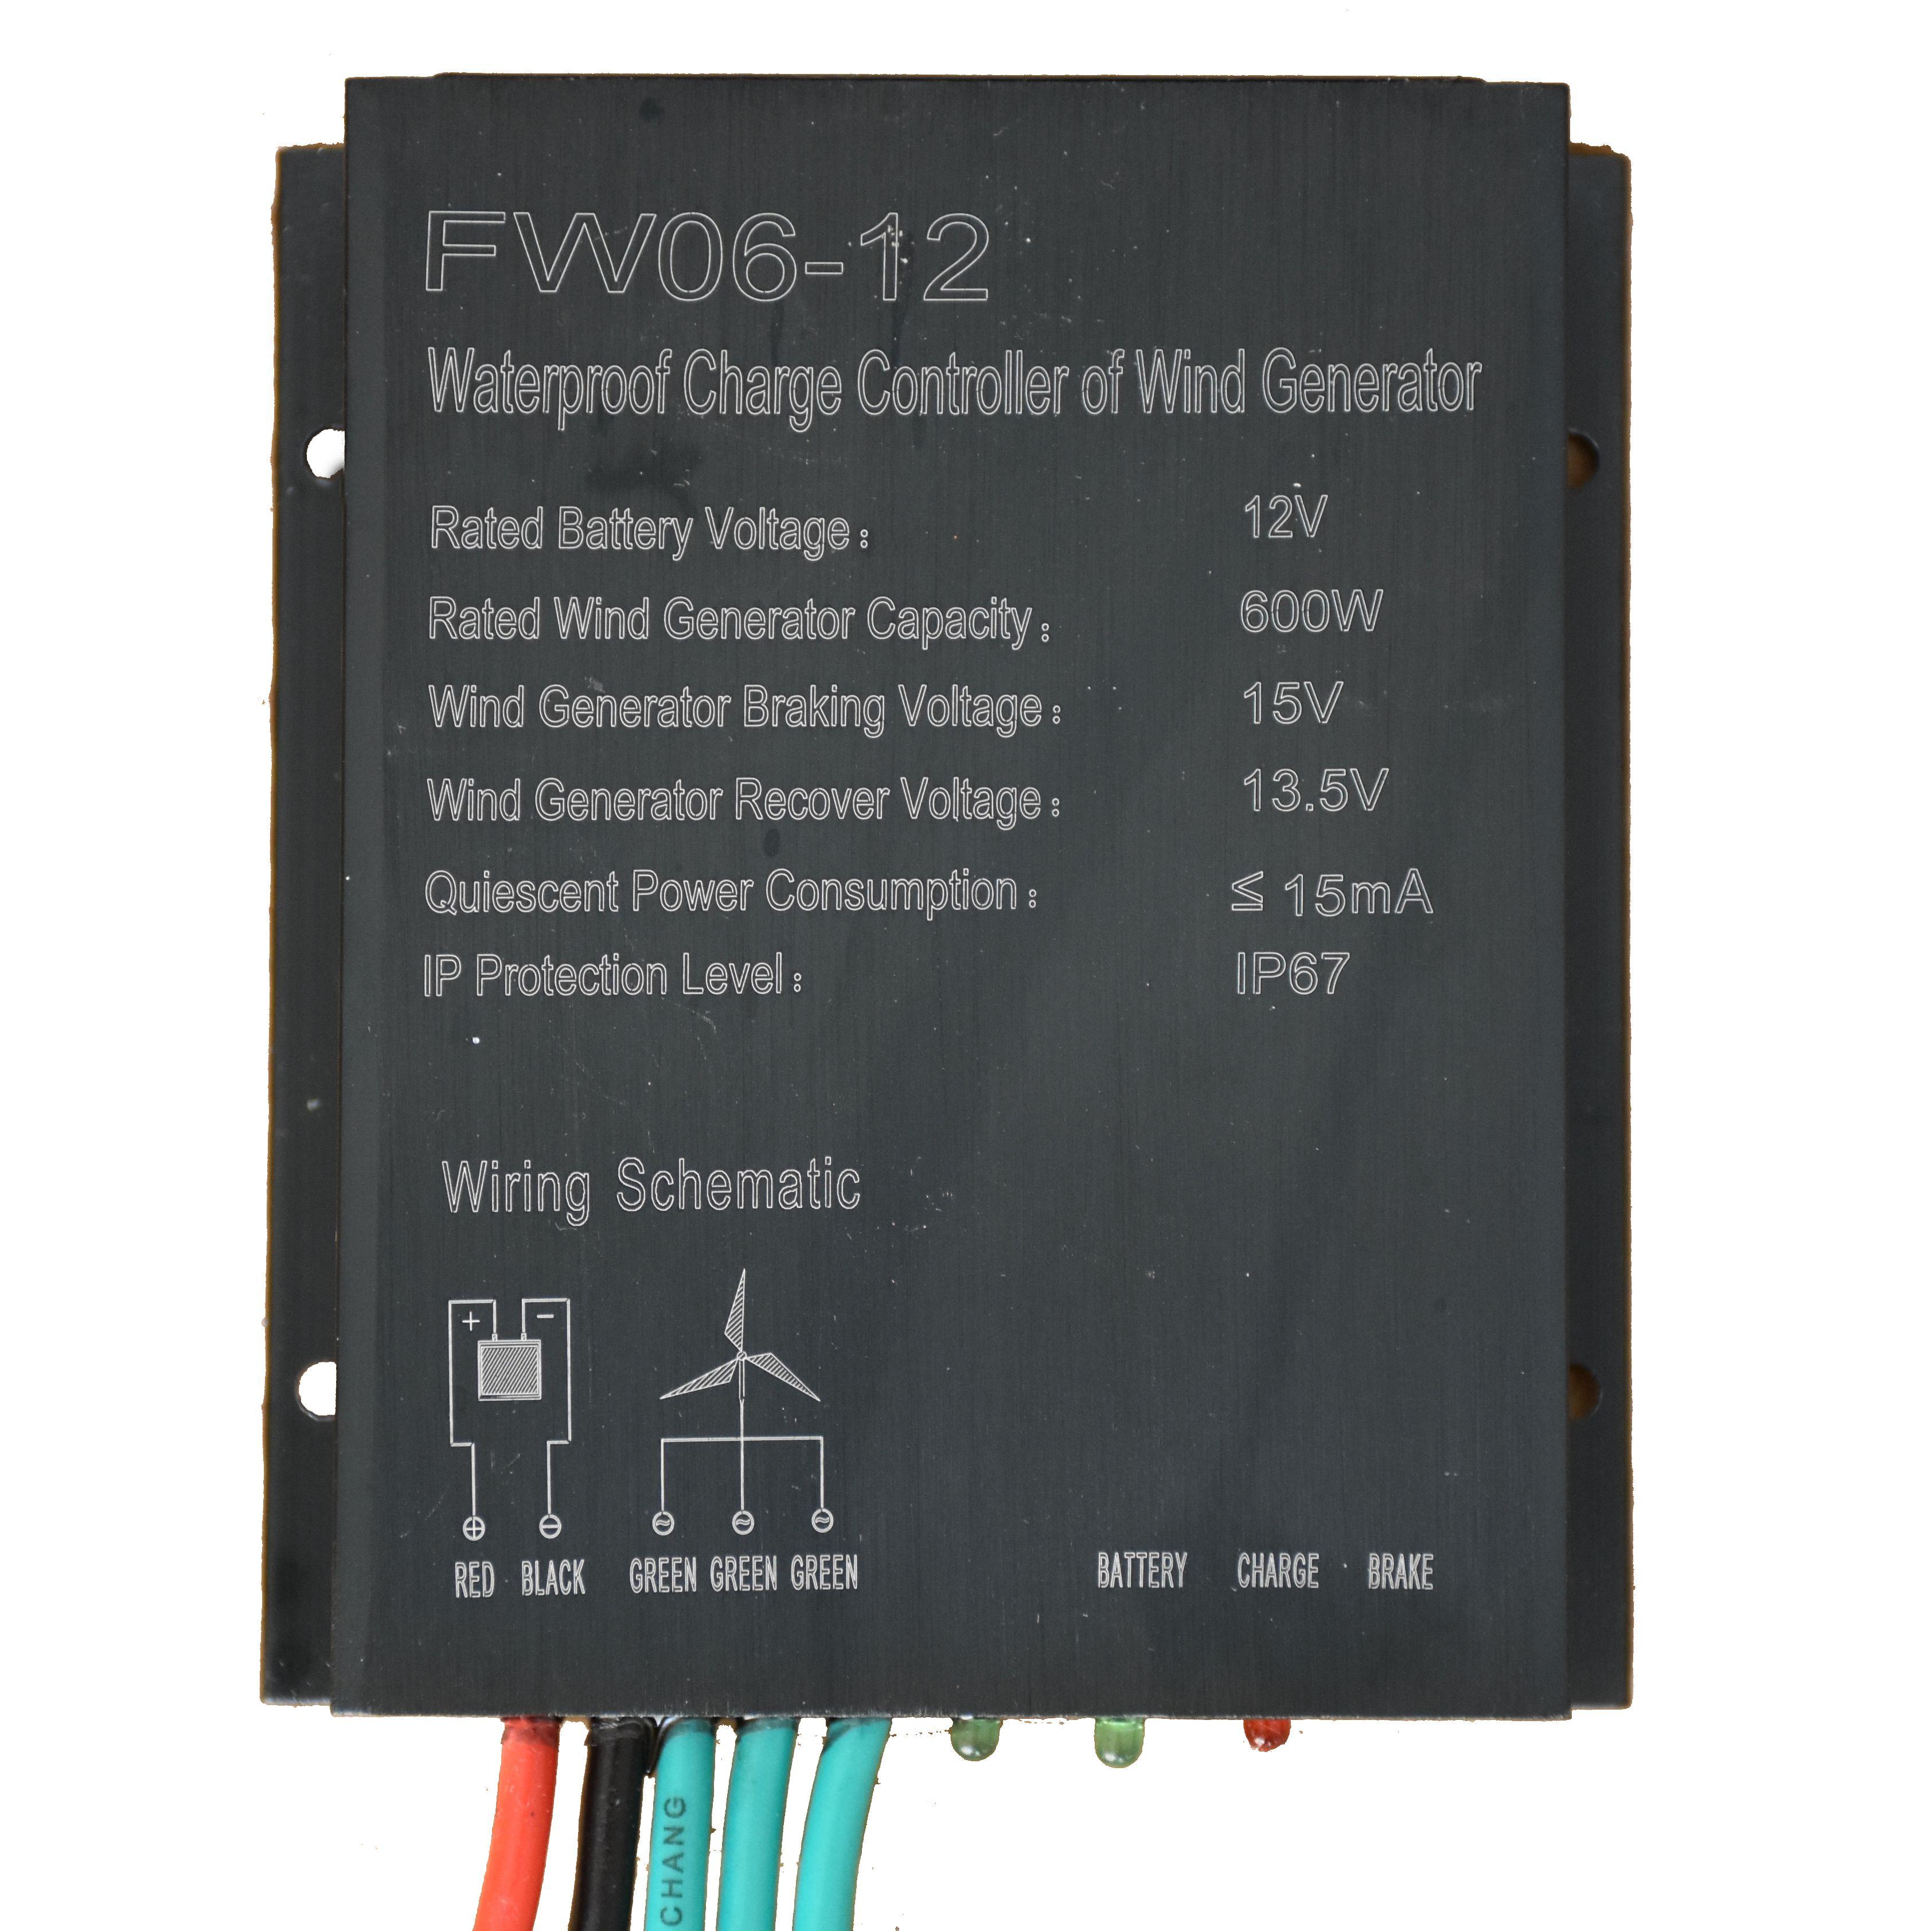 PWM 12V / 24V Auto-Schalter 100W-600W 25A Windgenerator Laderegler Spannung selbstanpasse für die Windturbine